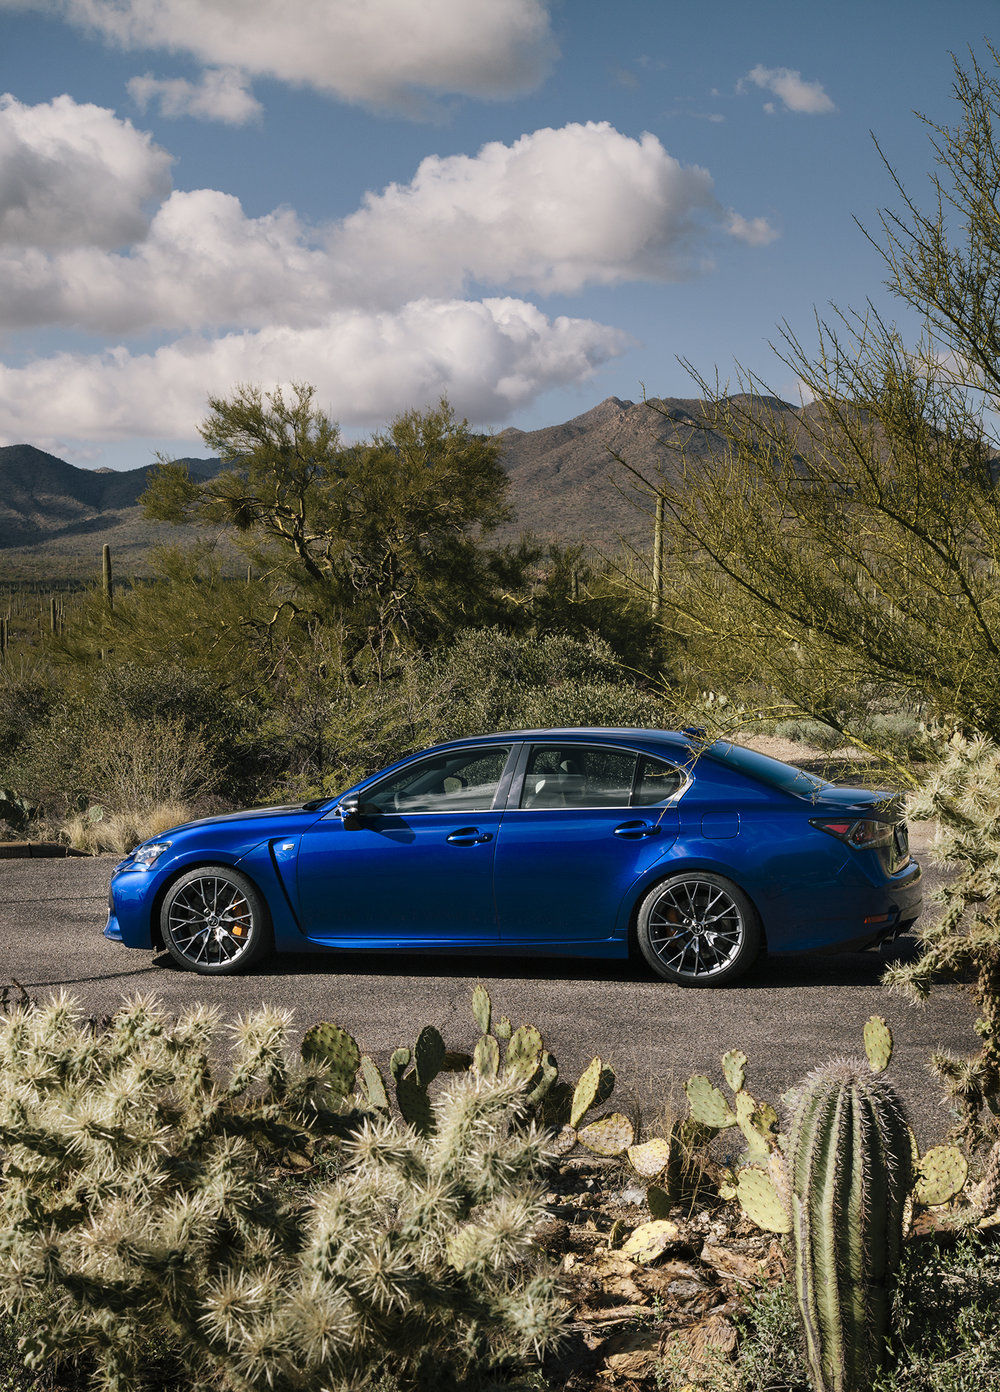 Lexus_Reveal_Details_Fullbody_068.jpg